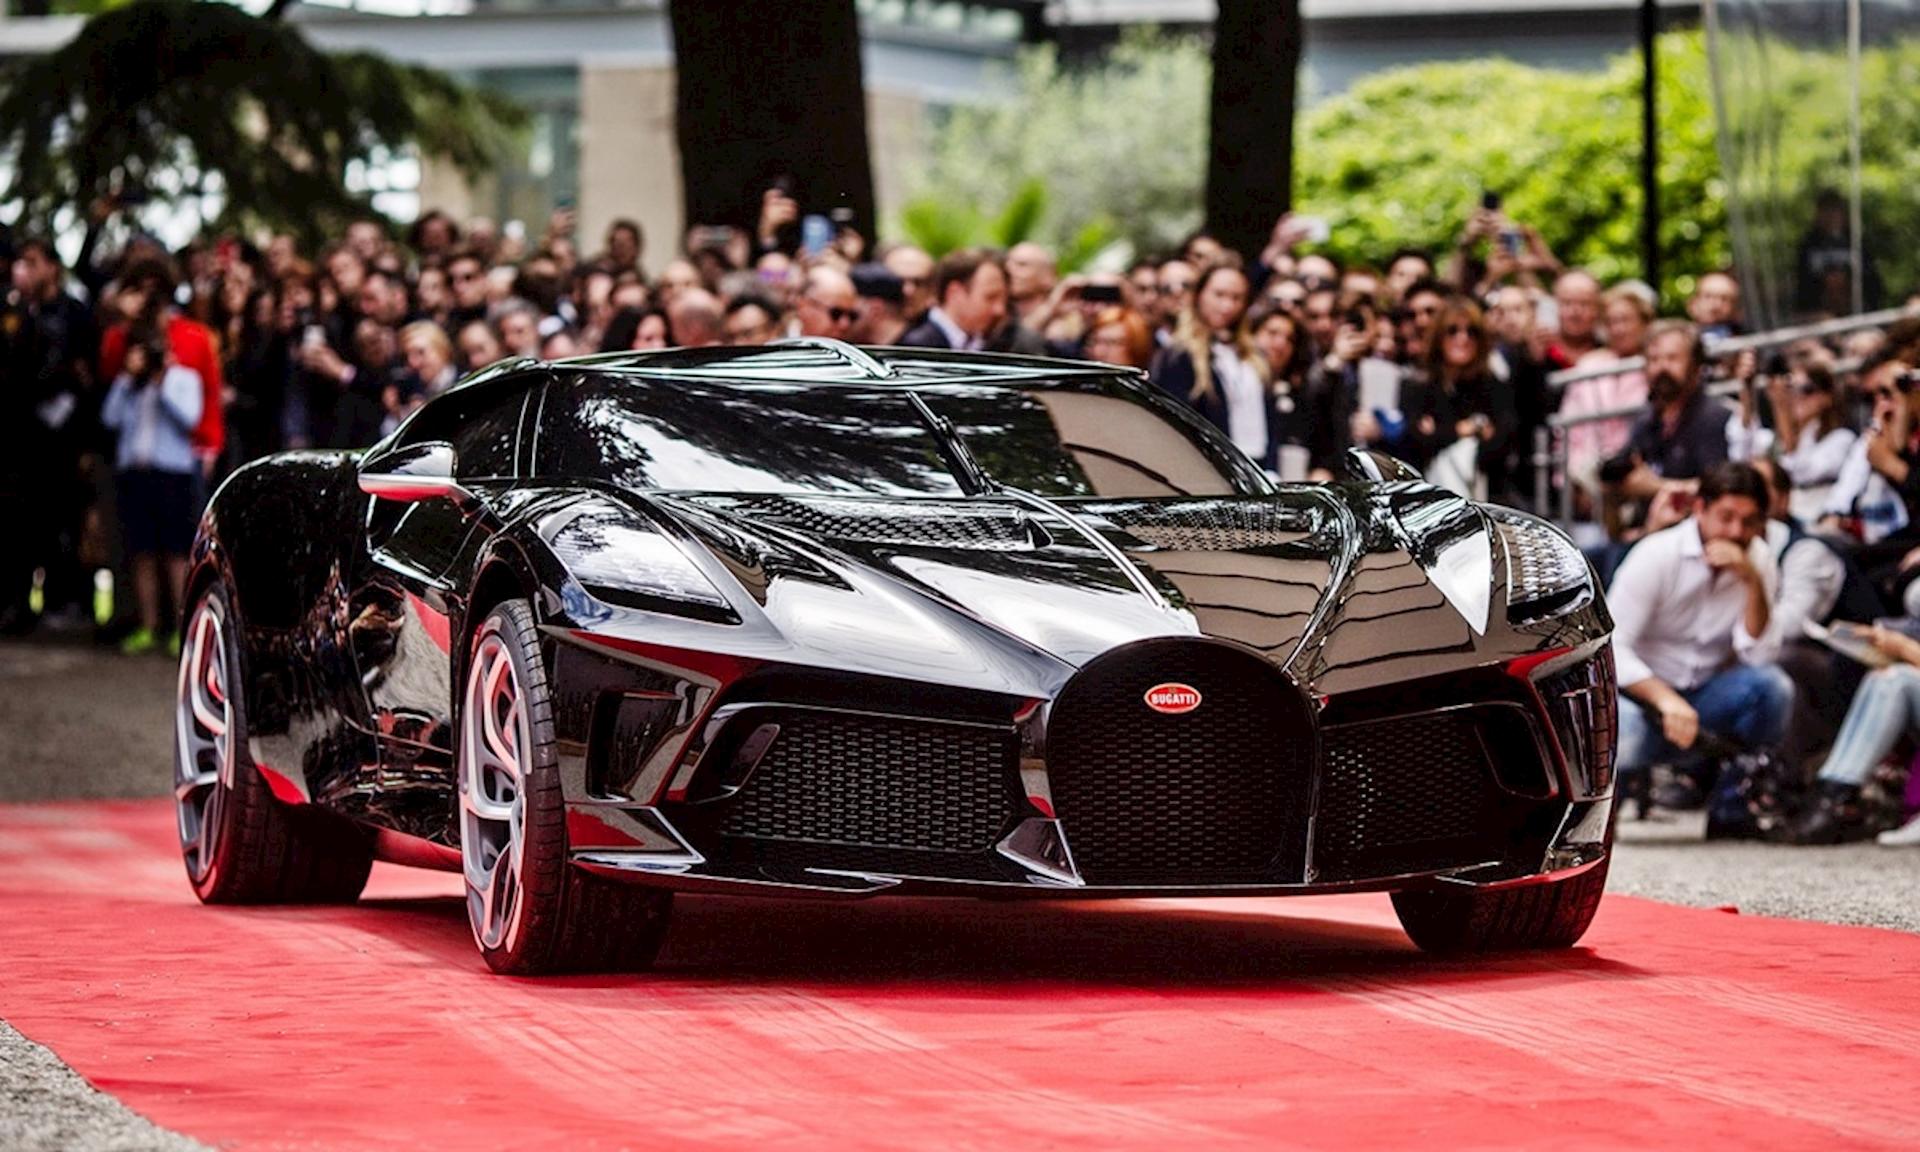 fff9c090-bugatti-la-voiture-noire-10.jpg